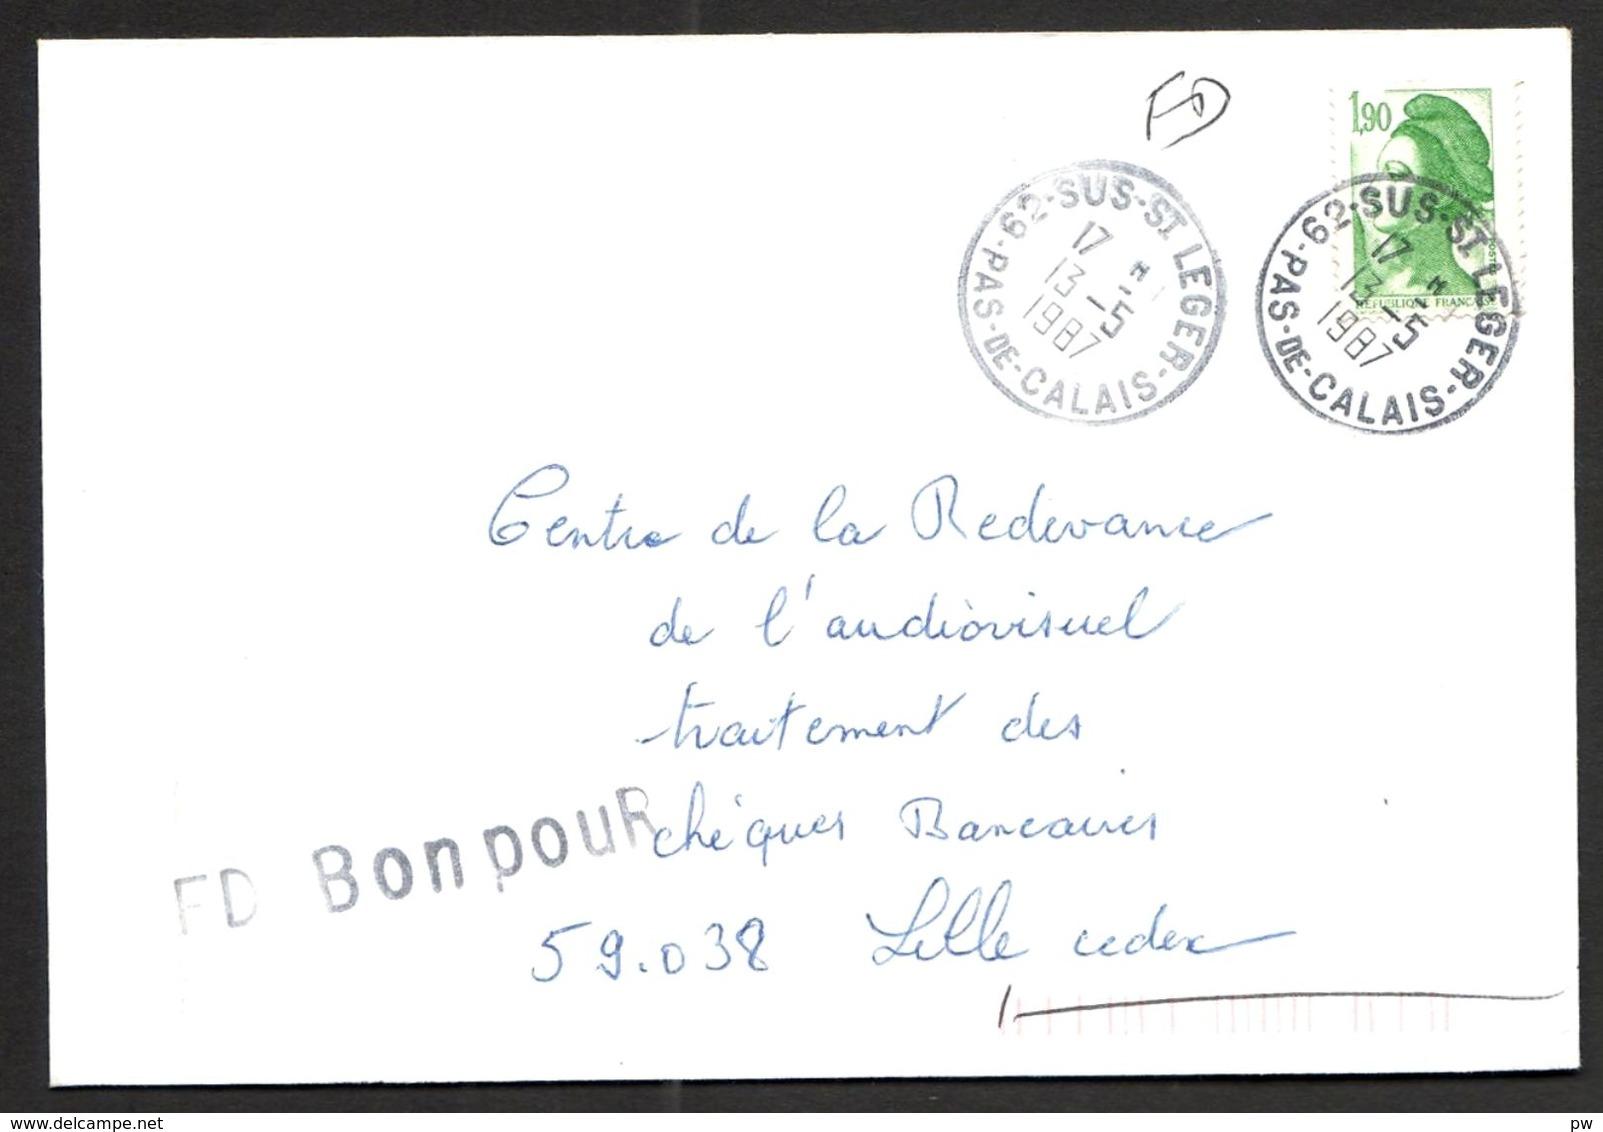 FRANCE '62 SUS SAINT LEGER'  1987  1 OBLITERATION - Marcophilie (Lettres)